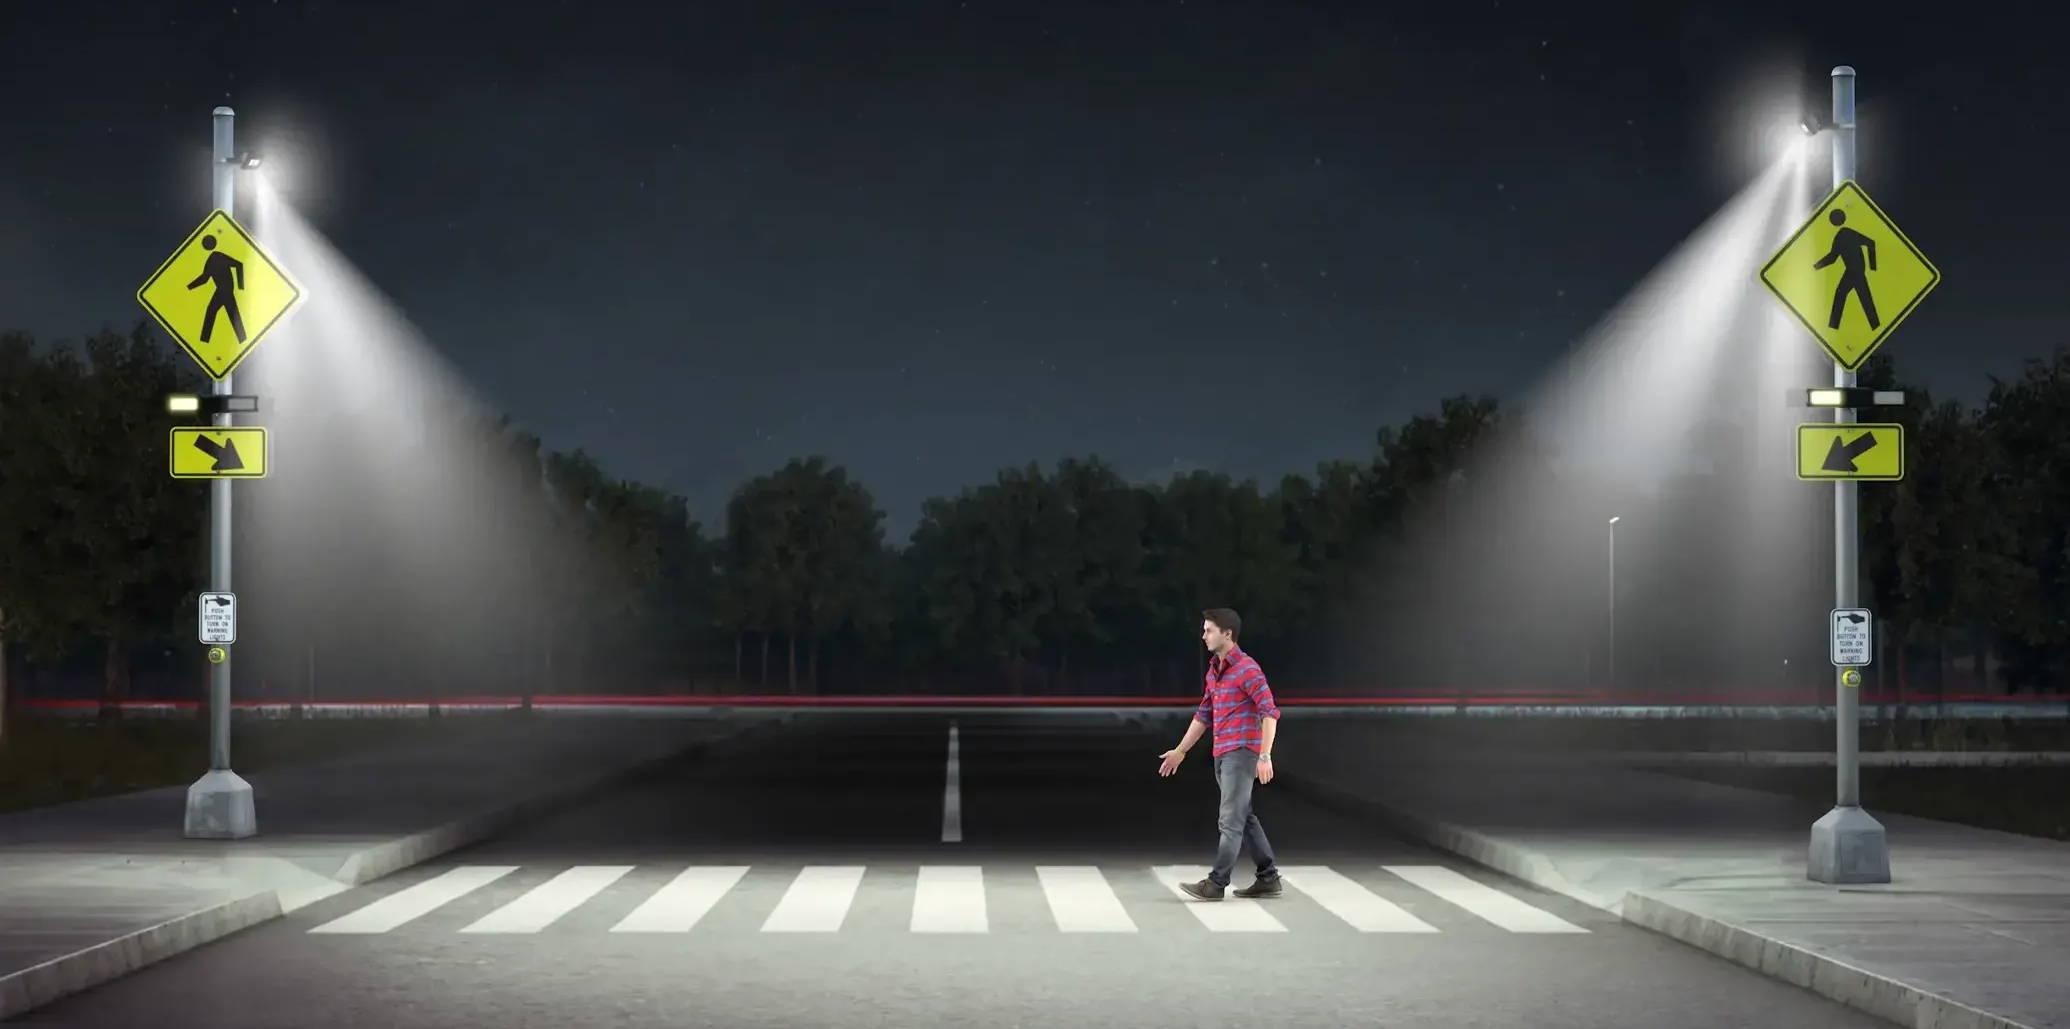 TAPCO Crosswalk Illuminator